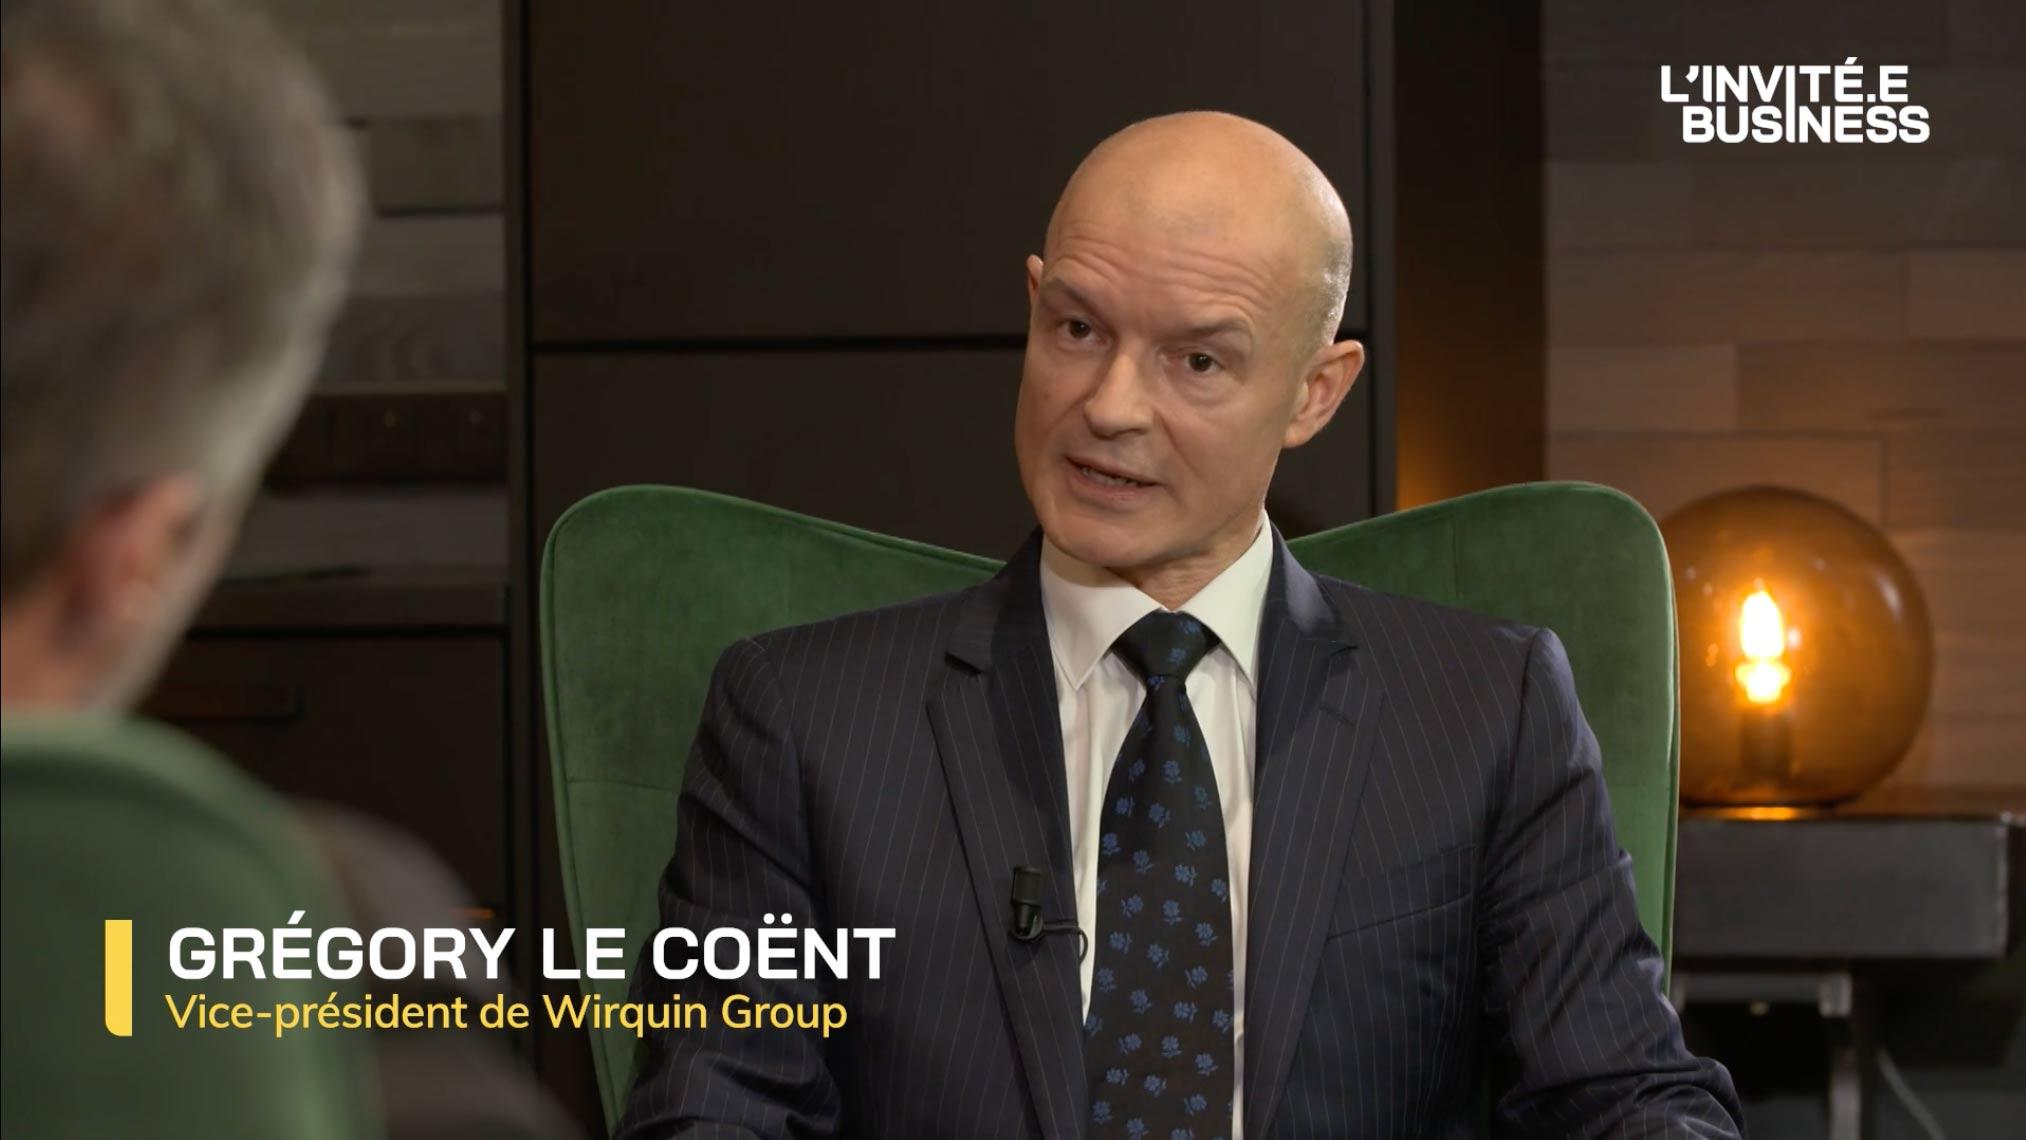 Grégory Le Coënt, Vice-Président de Wirquin Group